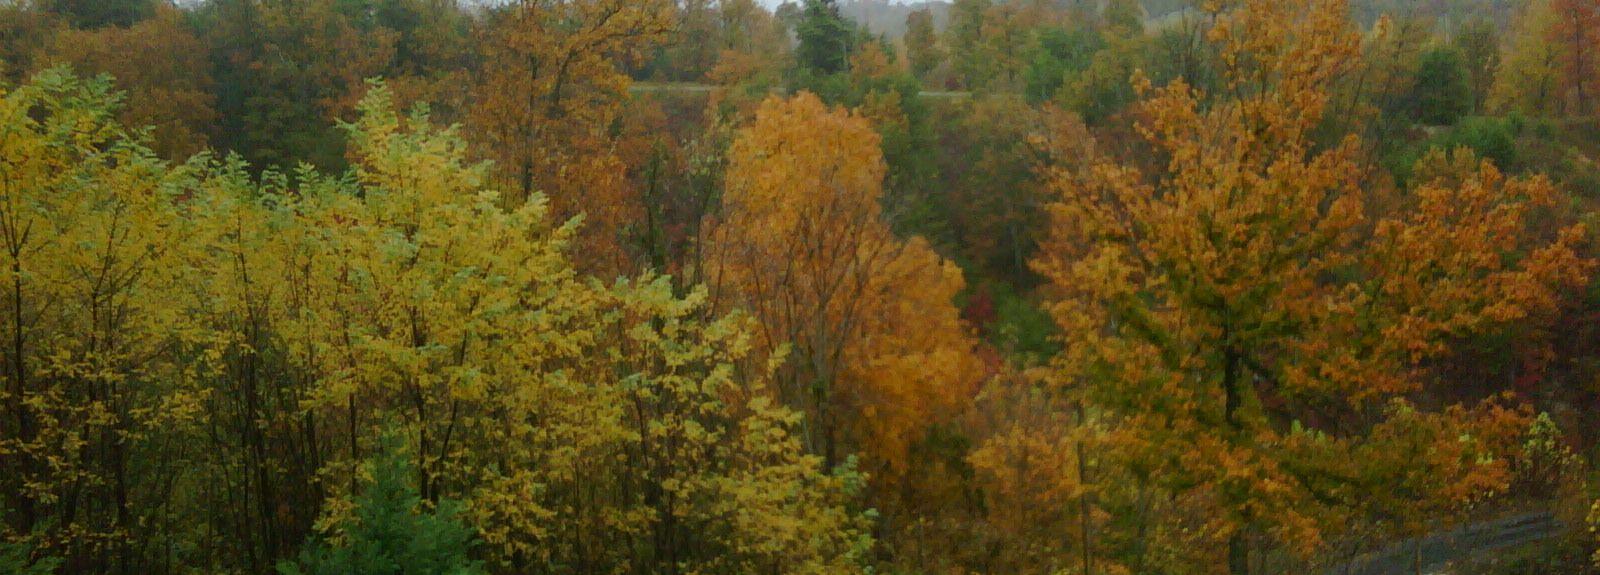 Εθνικός Χώρος Αναψυχής Land Between the Lakes, Κεντάκι, Ηνωμένες Πολιτείες